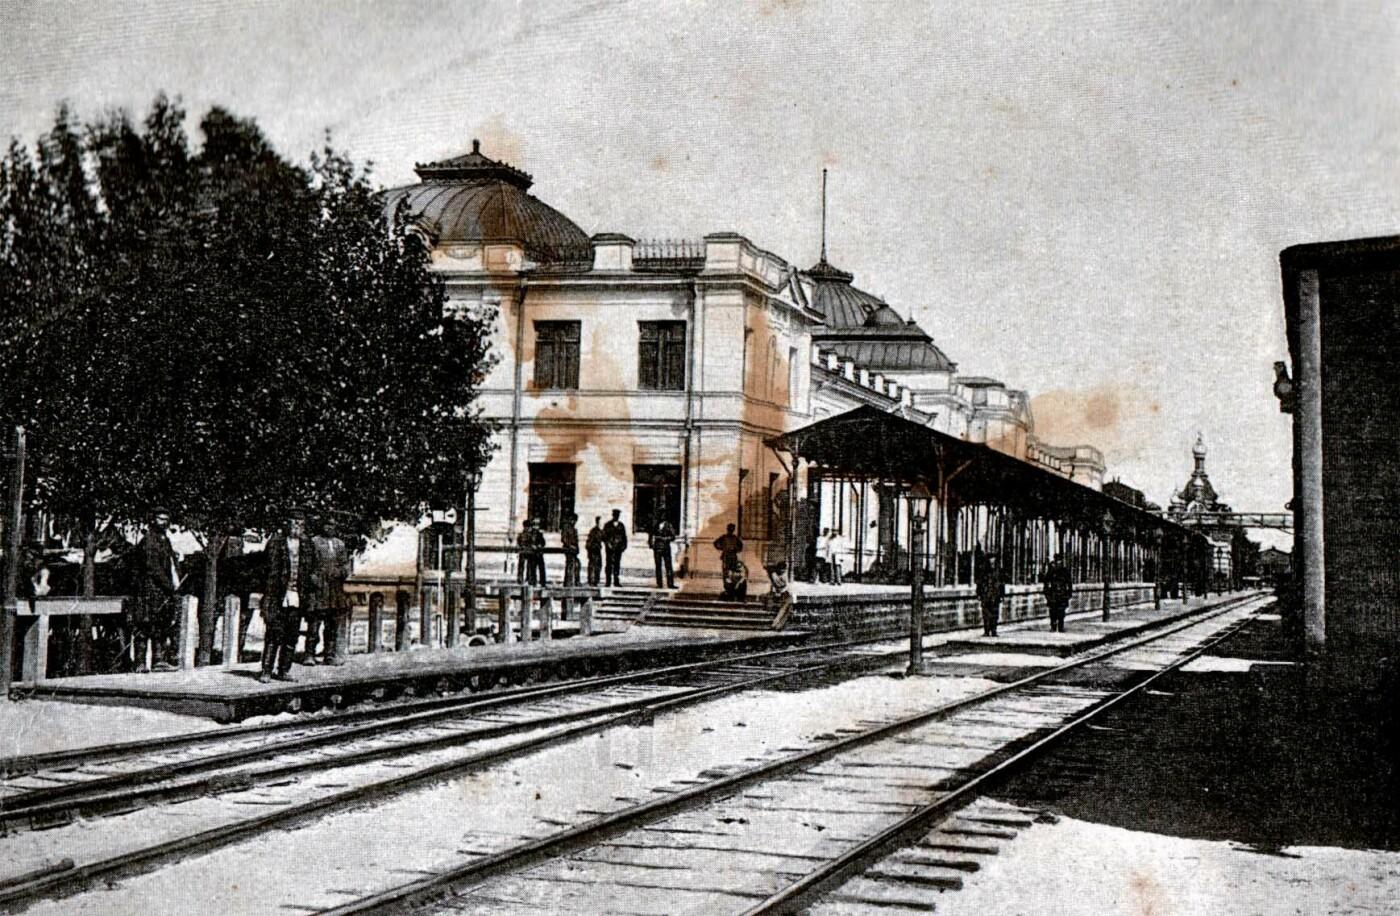 """Забытая дата. Полтора века назад через станцию """"Лозовая"""" прошел первый поезд, фото-1"""